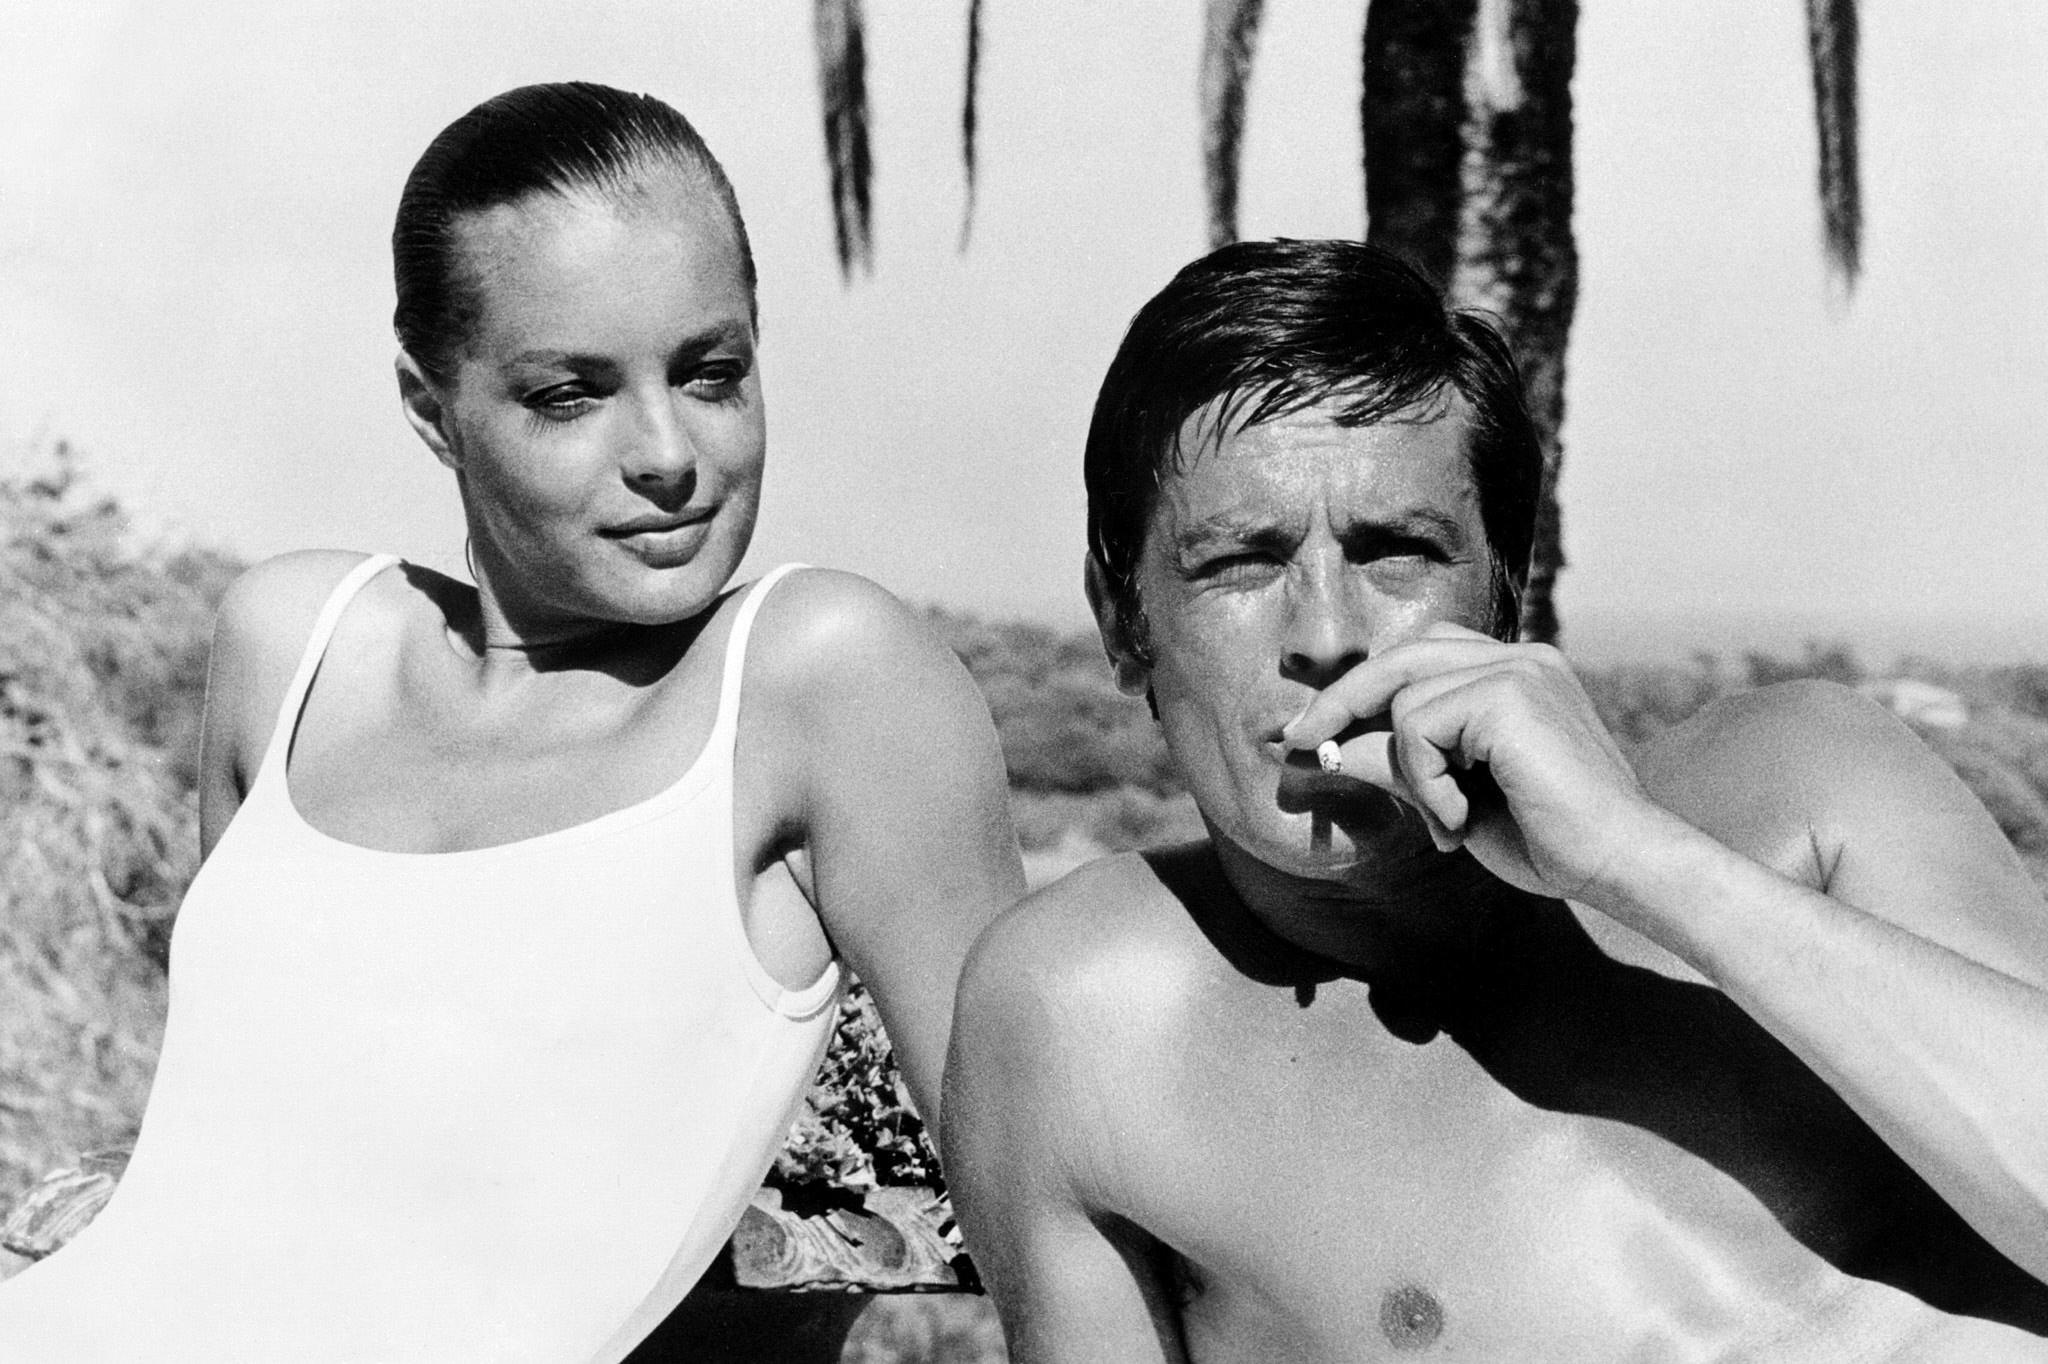 La Piscine 1969 Deray